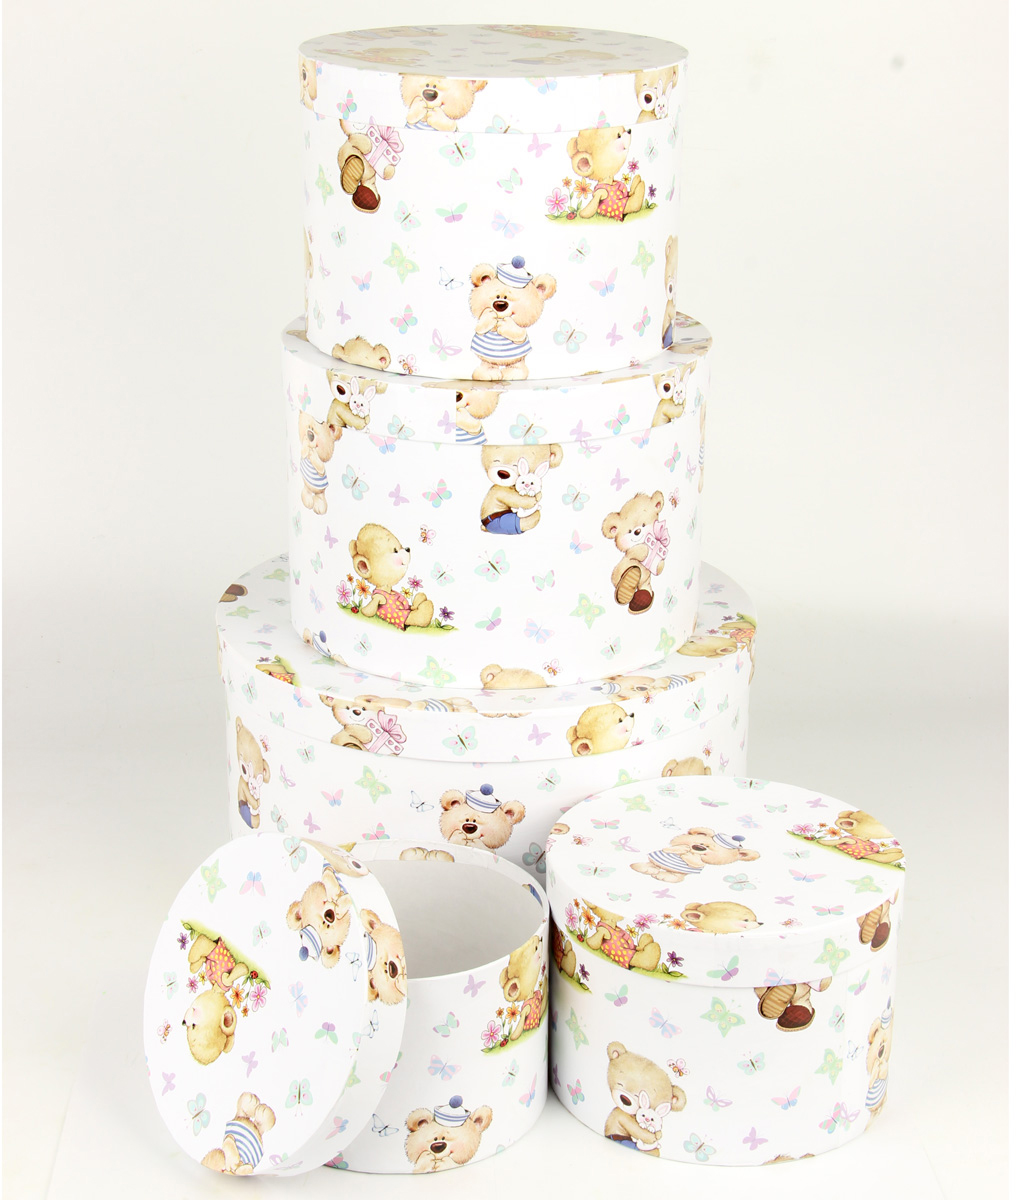 Набор подарочных коробок Veld-Co Миром правит доброта, круглые, 5 шт набор подарочных коробок veld co небесные музыканты круглые 4 шт